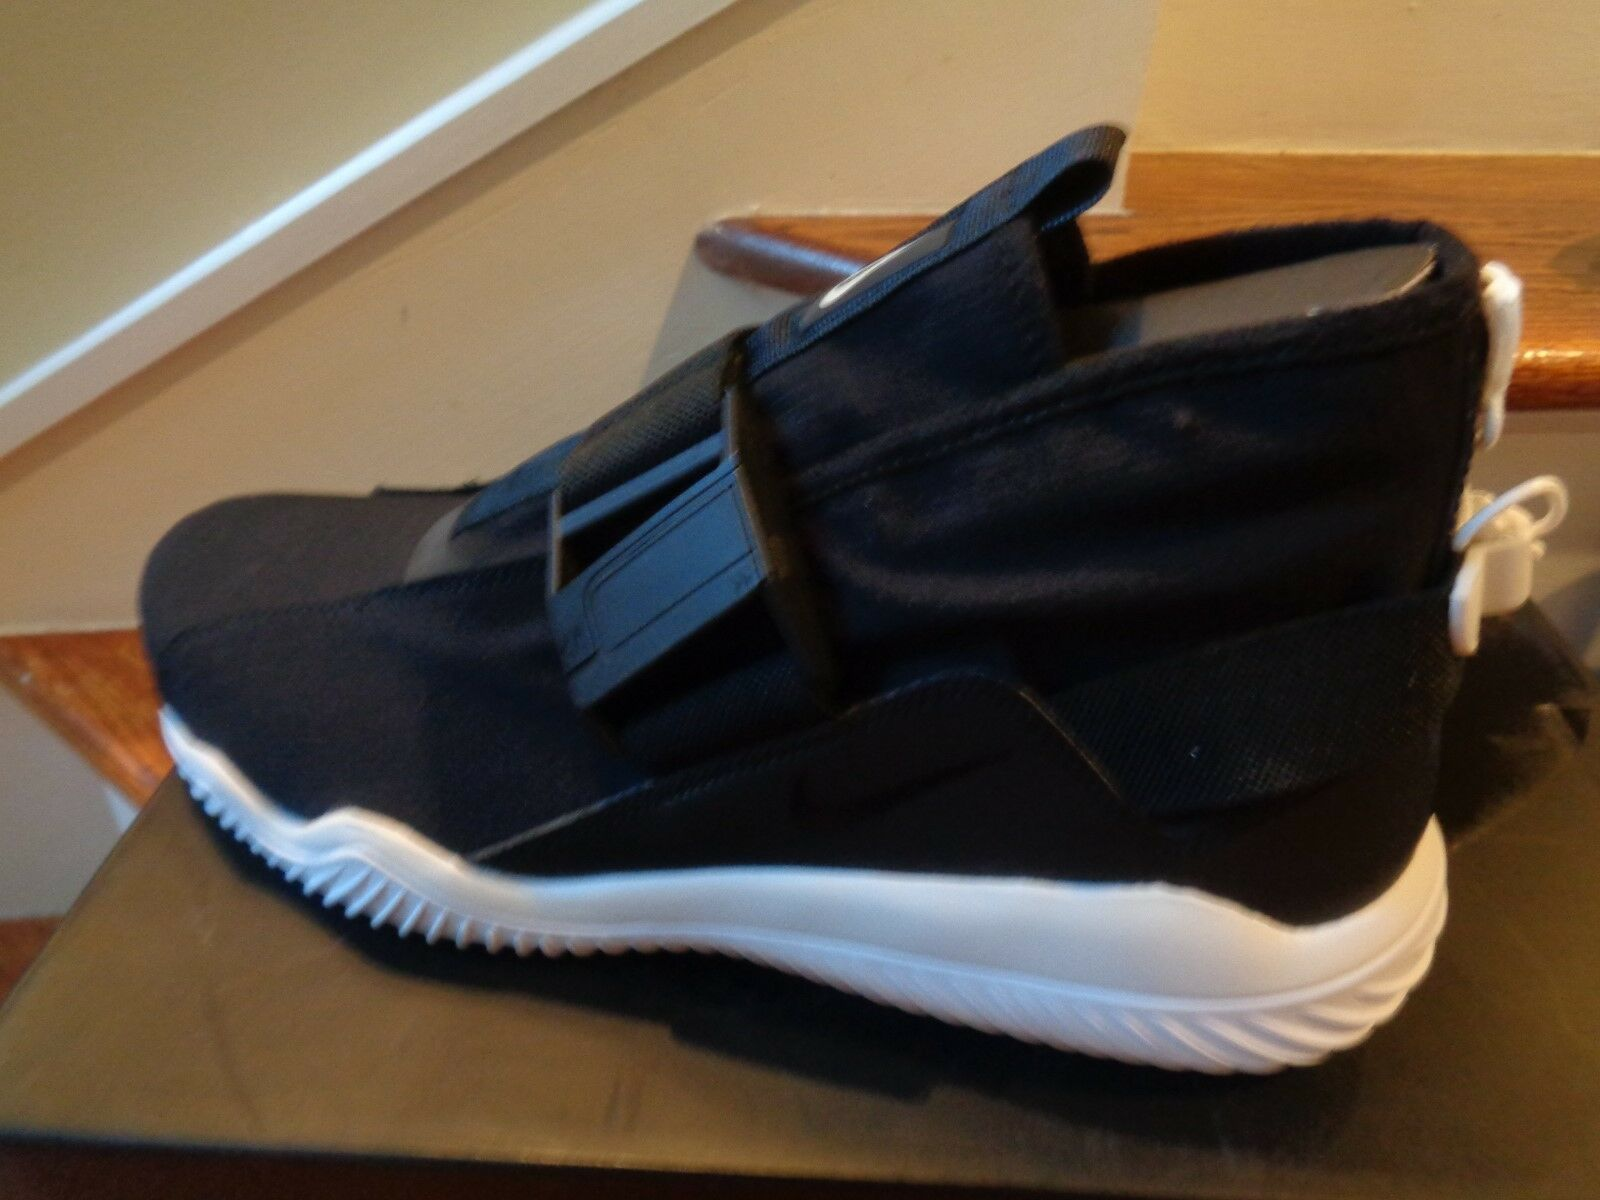 Nike Komyuter PRM Men's Shoes, 921664 001 Size 10 NWB